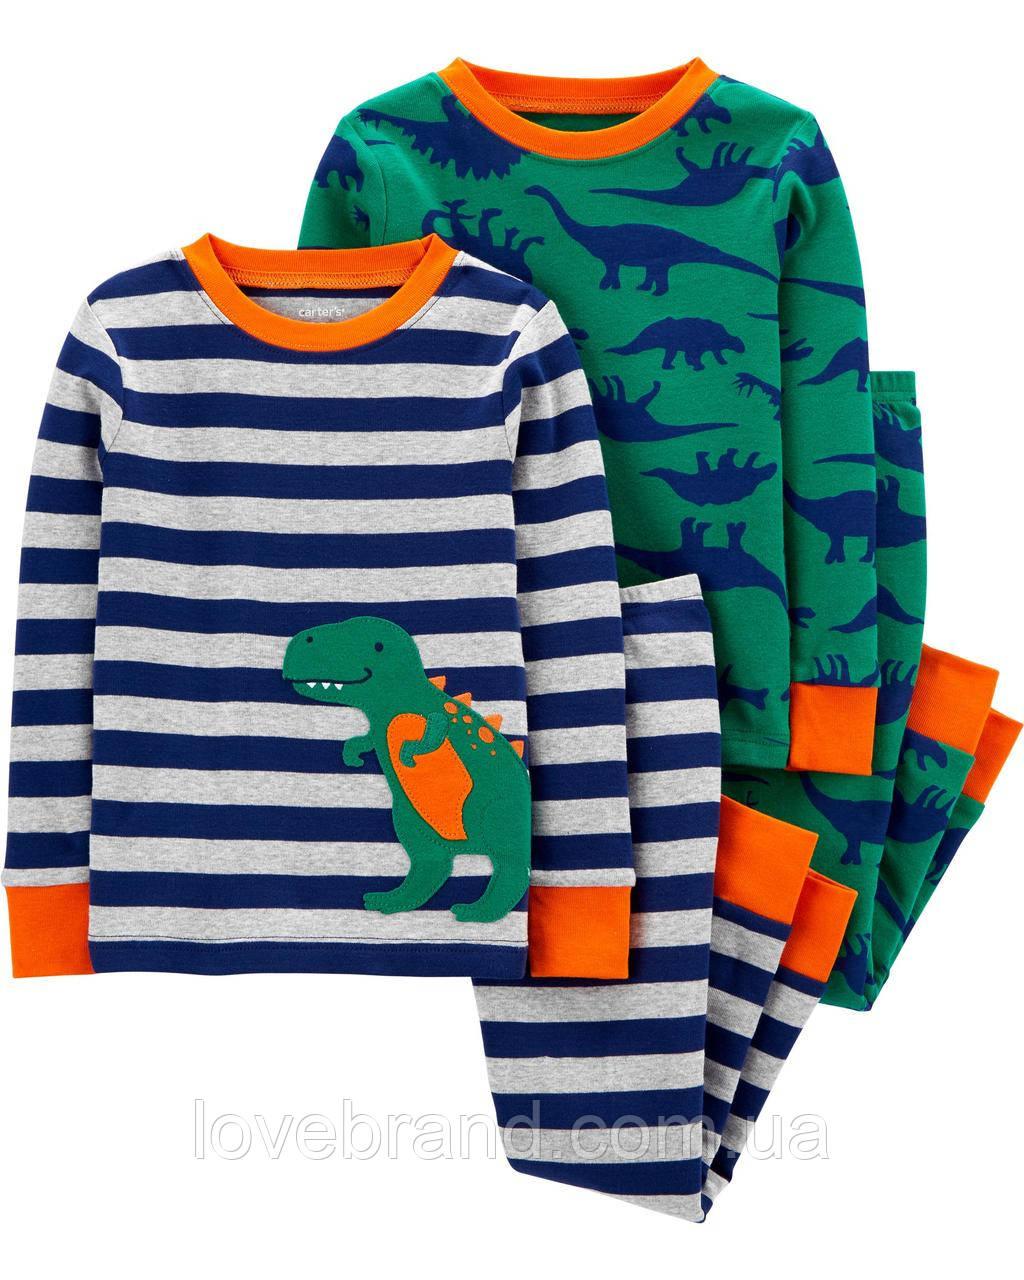 """Пижамы Carter's для мальчика  """"Динозавр"""" , детская пижама картерс 2 набора 3Т/93-98 см"""